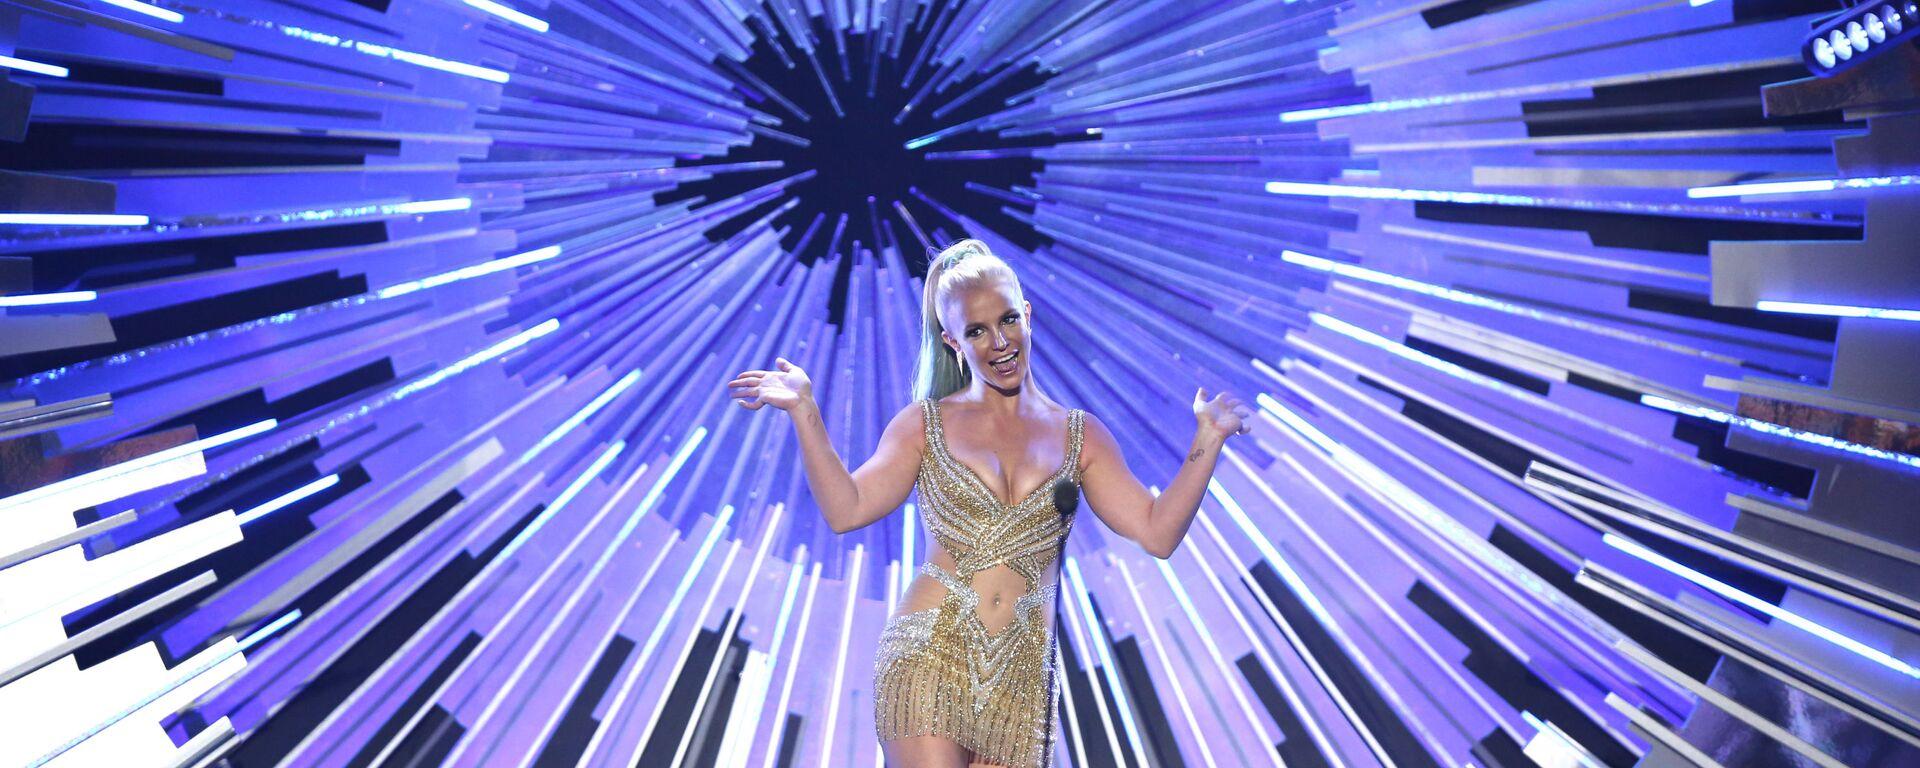 Бритни Спирс выступает на MTV Video Music Awards в Лос-Анджелесе - Sputnik Таджикистан, 1920, 01.07.2021